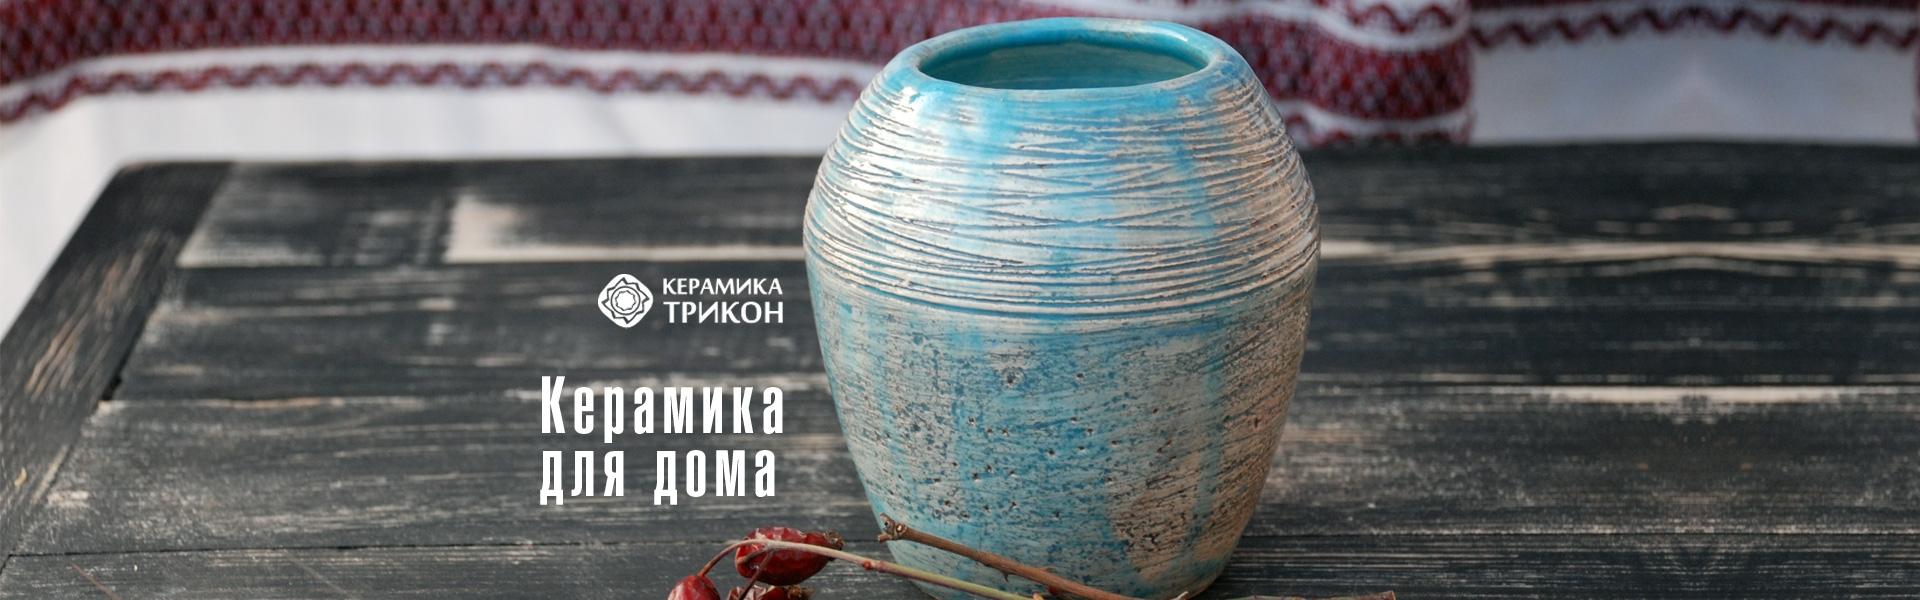 Керамика для дома